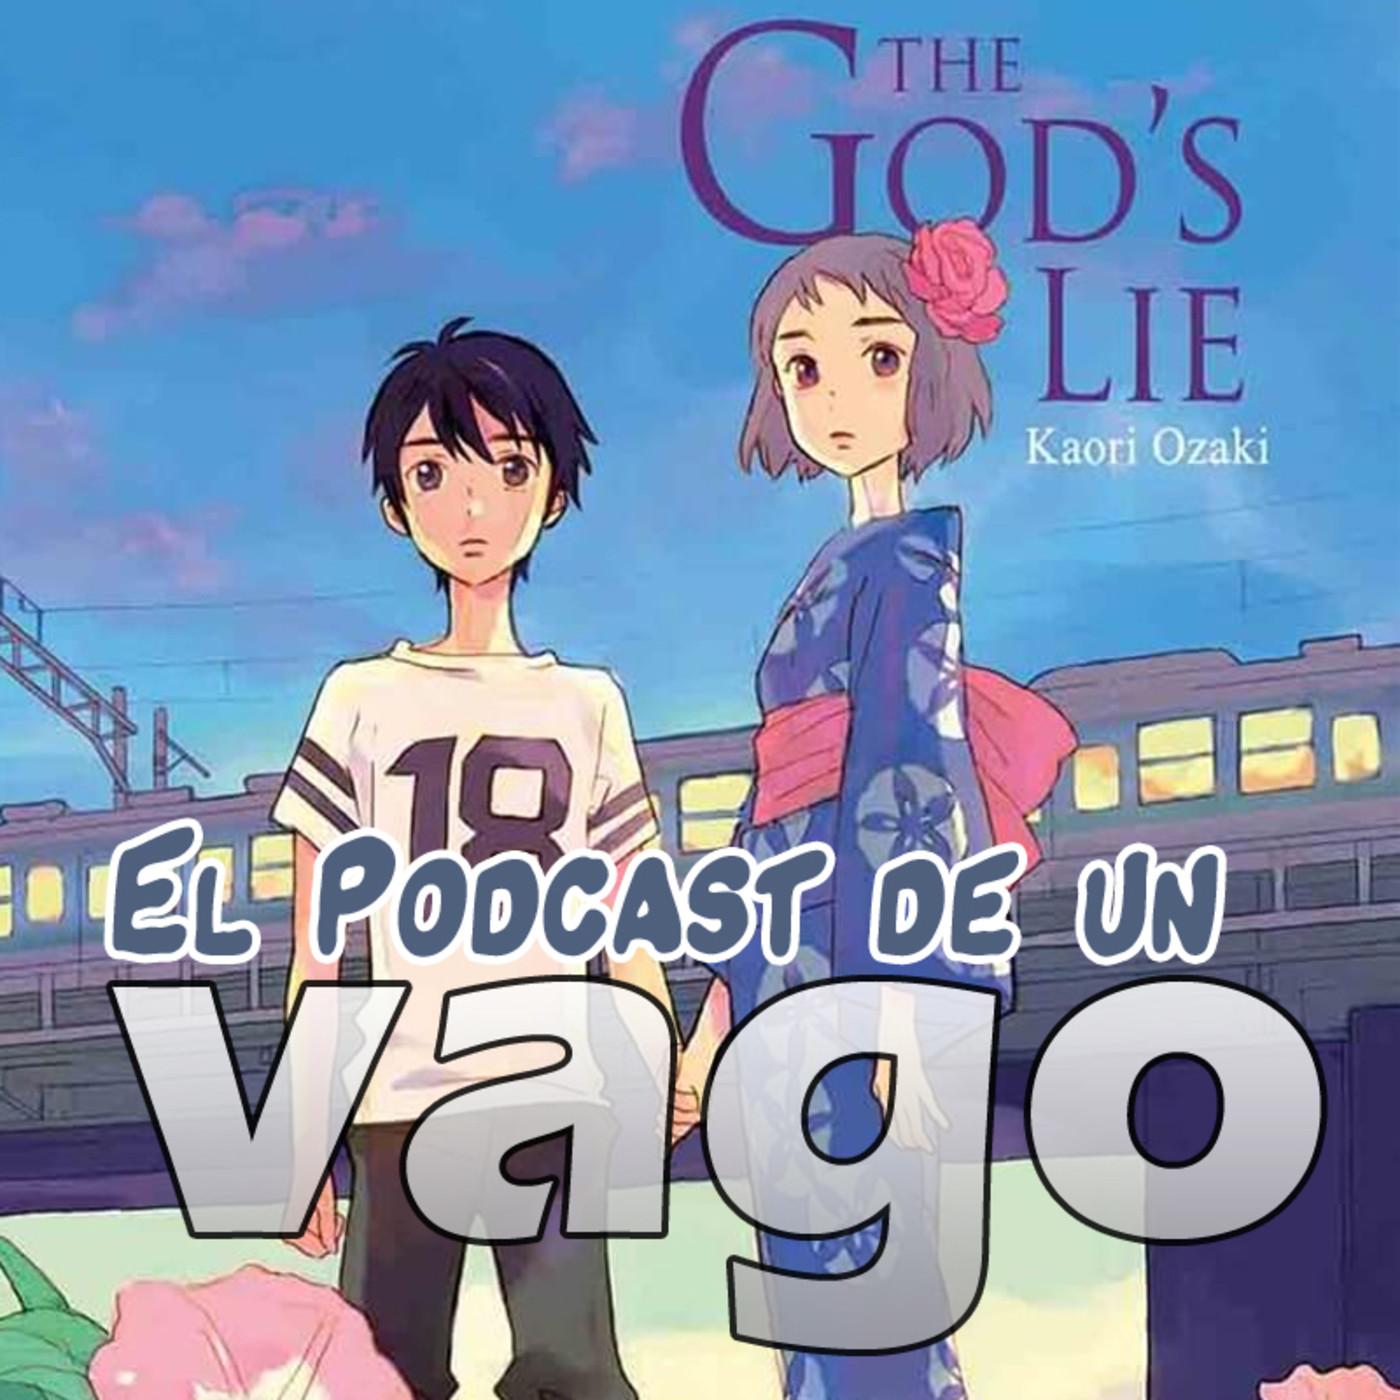 VagoPodcast #86: Una Plática de Animación y los Dioses Mienten